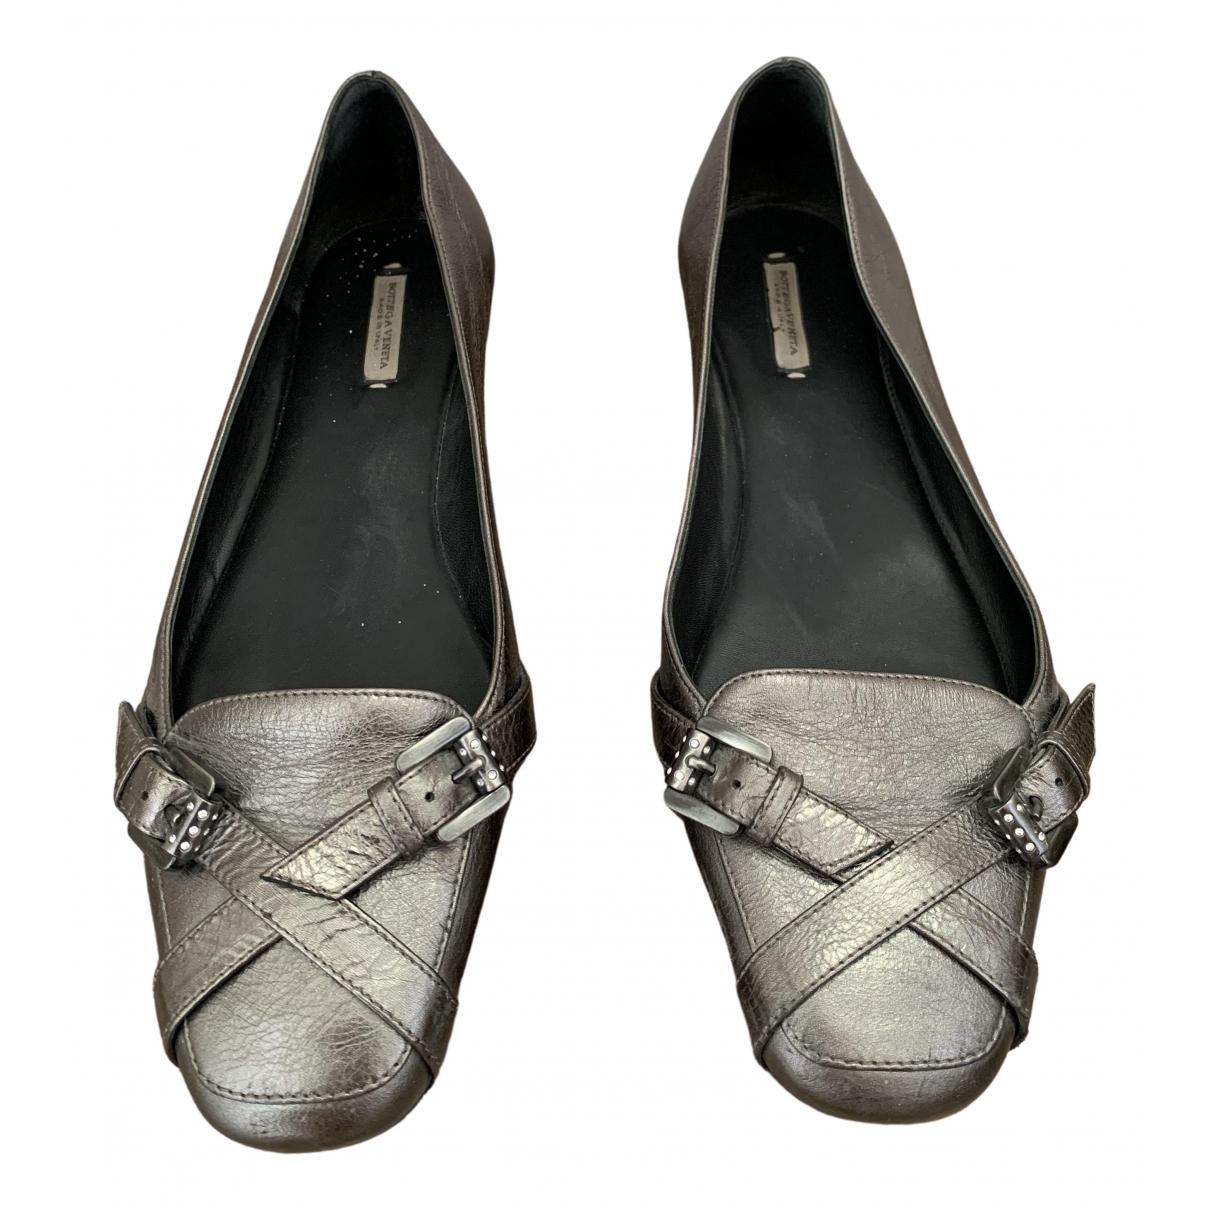 Bottega Veneta \N Silver Leather Flats for Women 39 EU